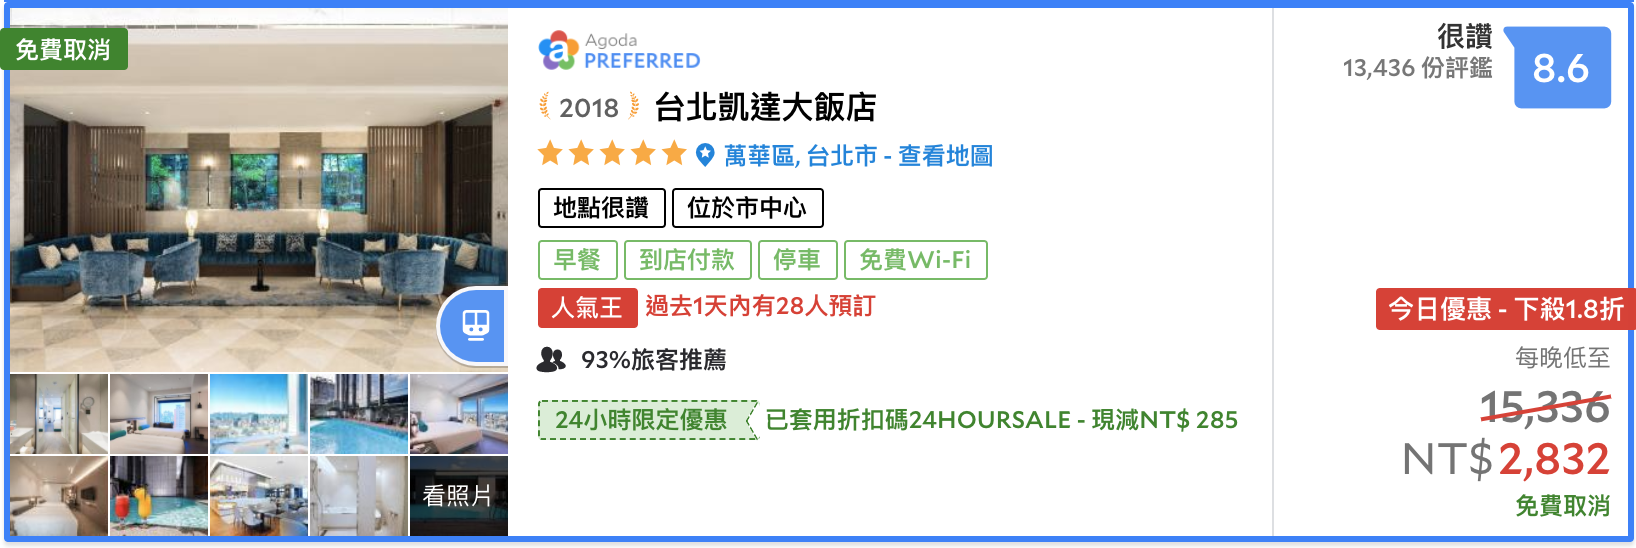 台北五星兩人房1K、四人房,免2K,~親子家庭入住台北,有遊戲玩、有美食吃~嬉遊凱達活動